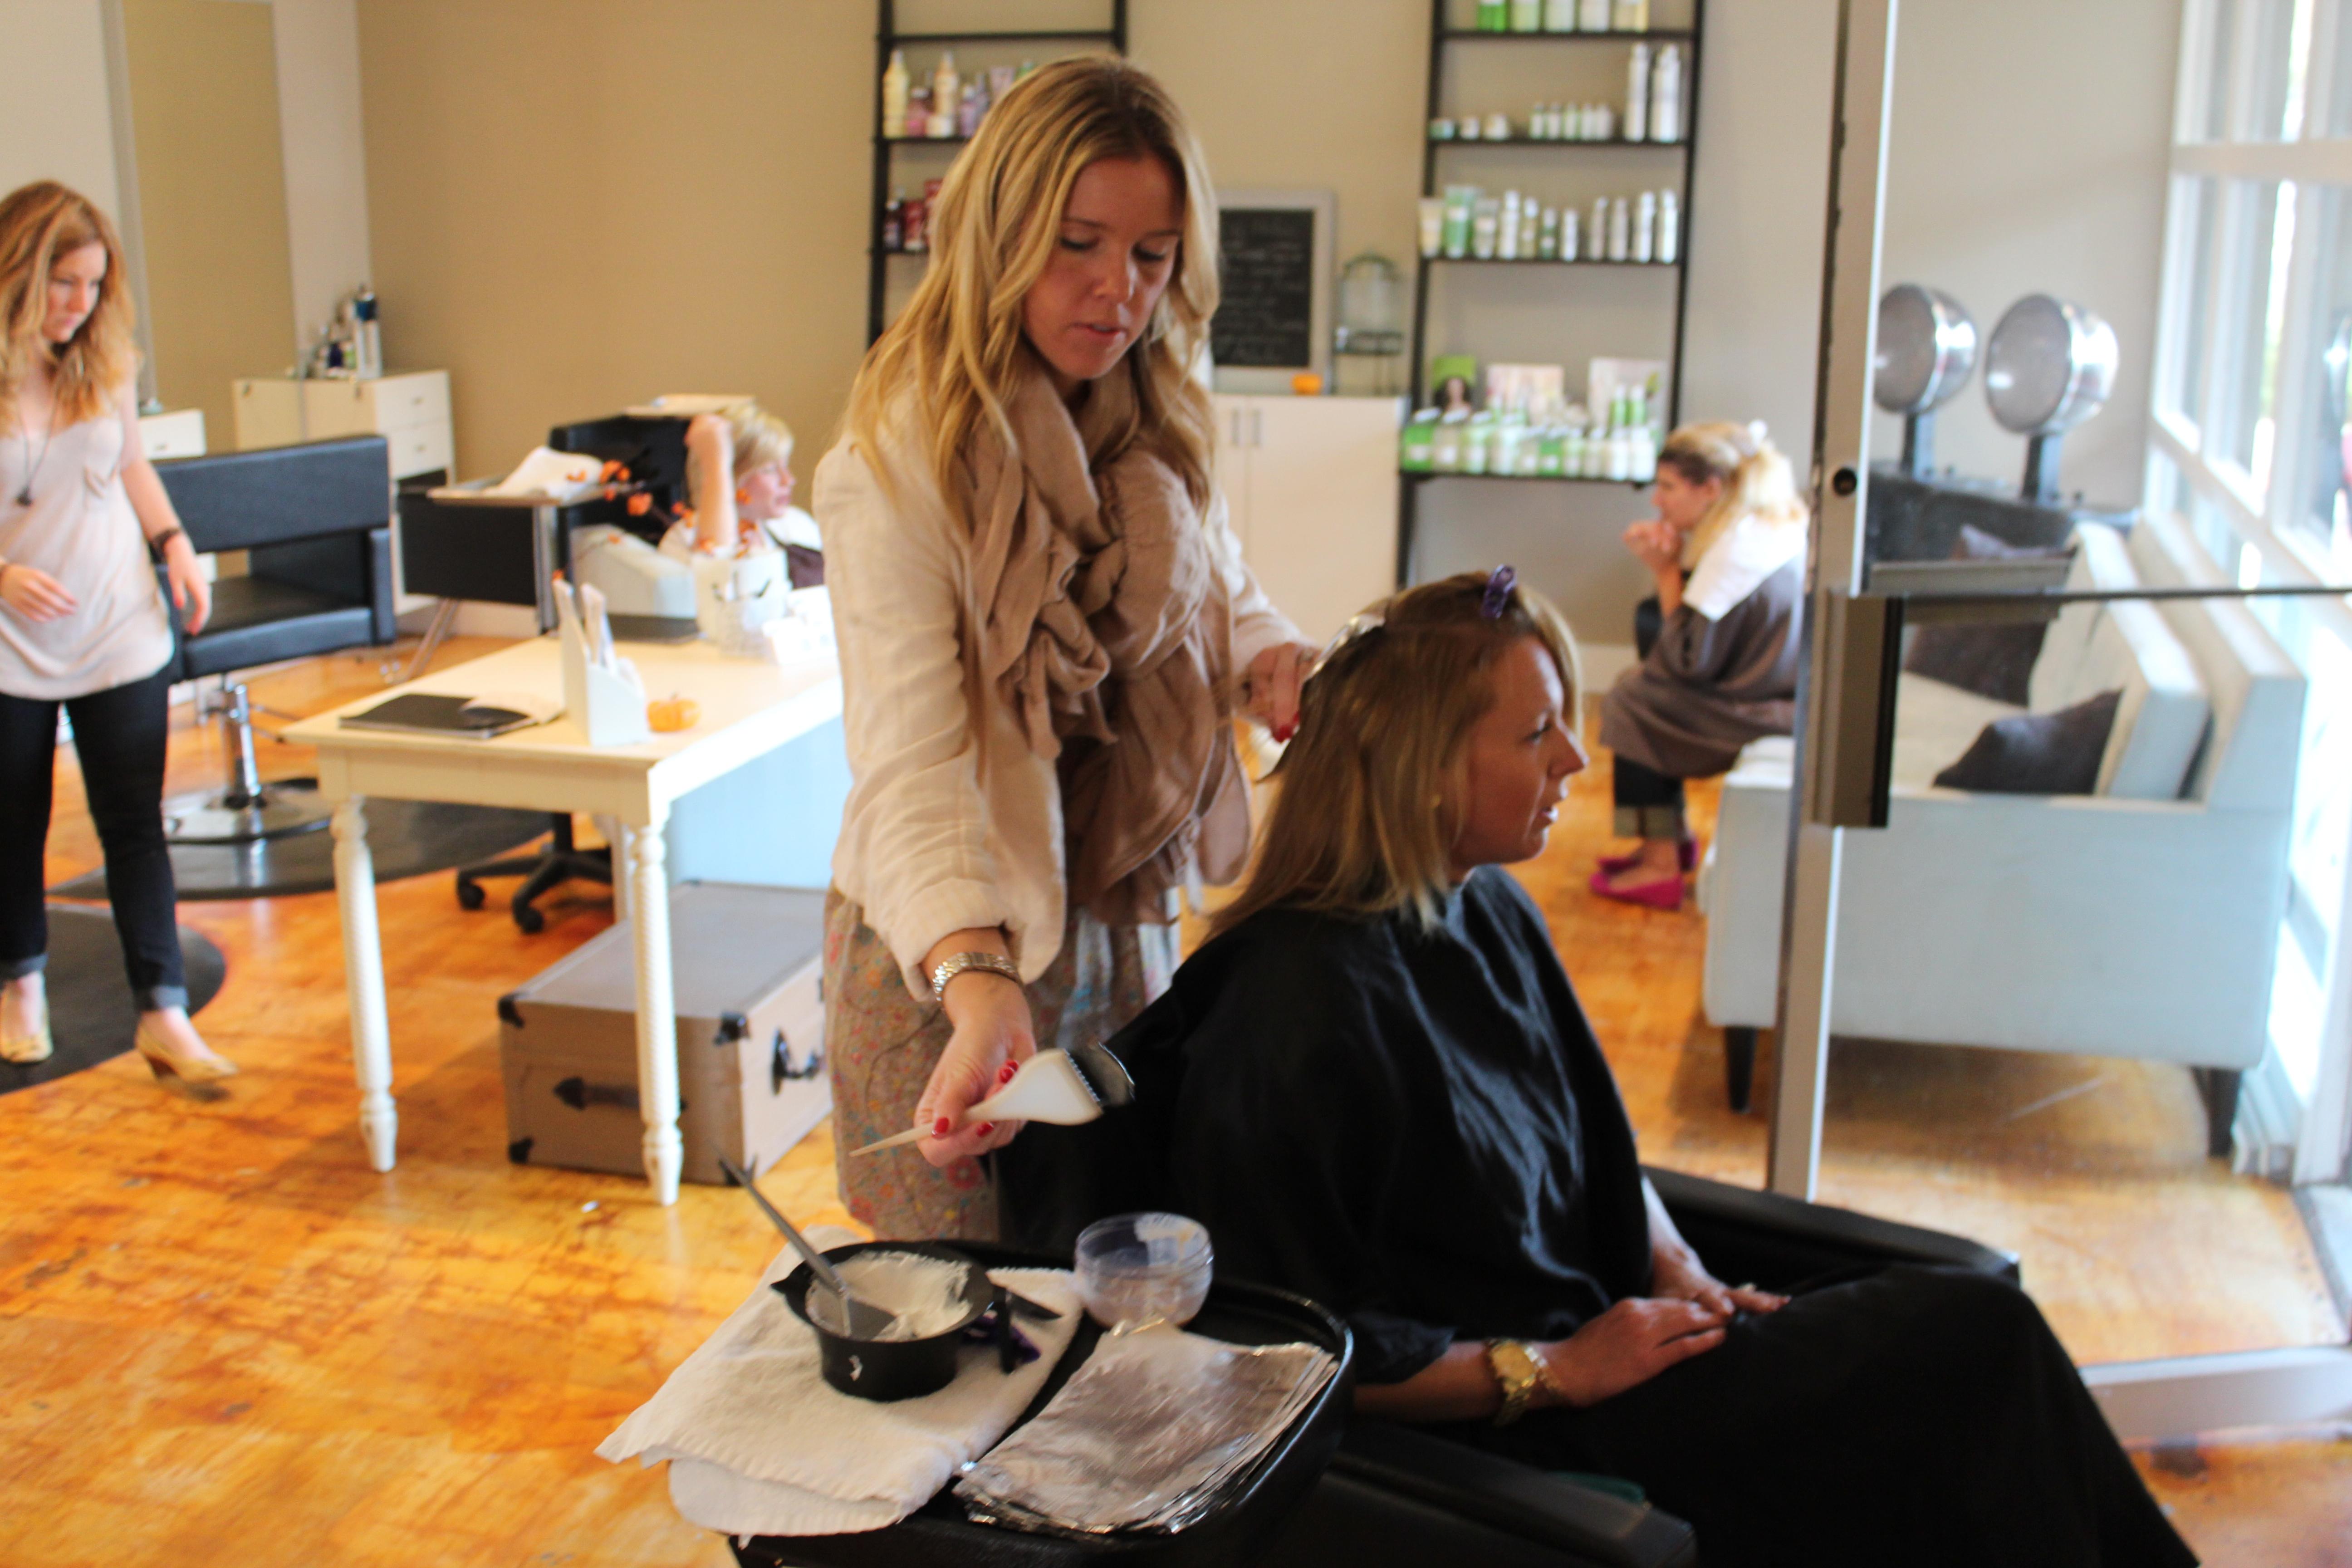 Paris france hair school courses michael boychuck online for Hair salon paris france